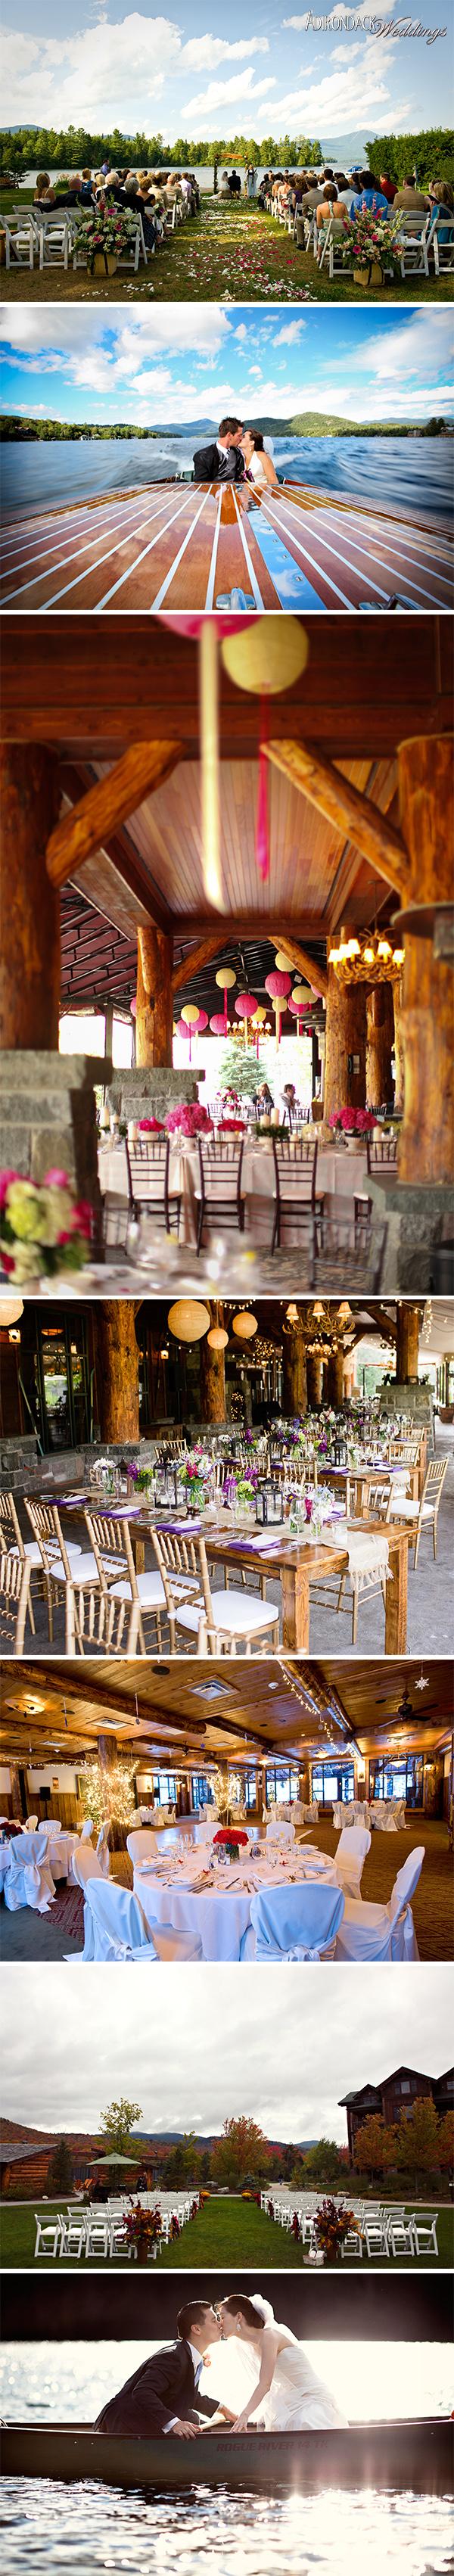 The Whiteface Lodge | Adirondack Weddings Magazine